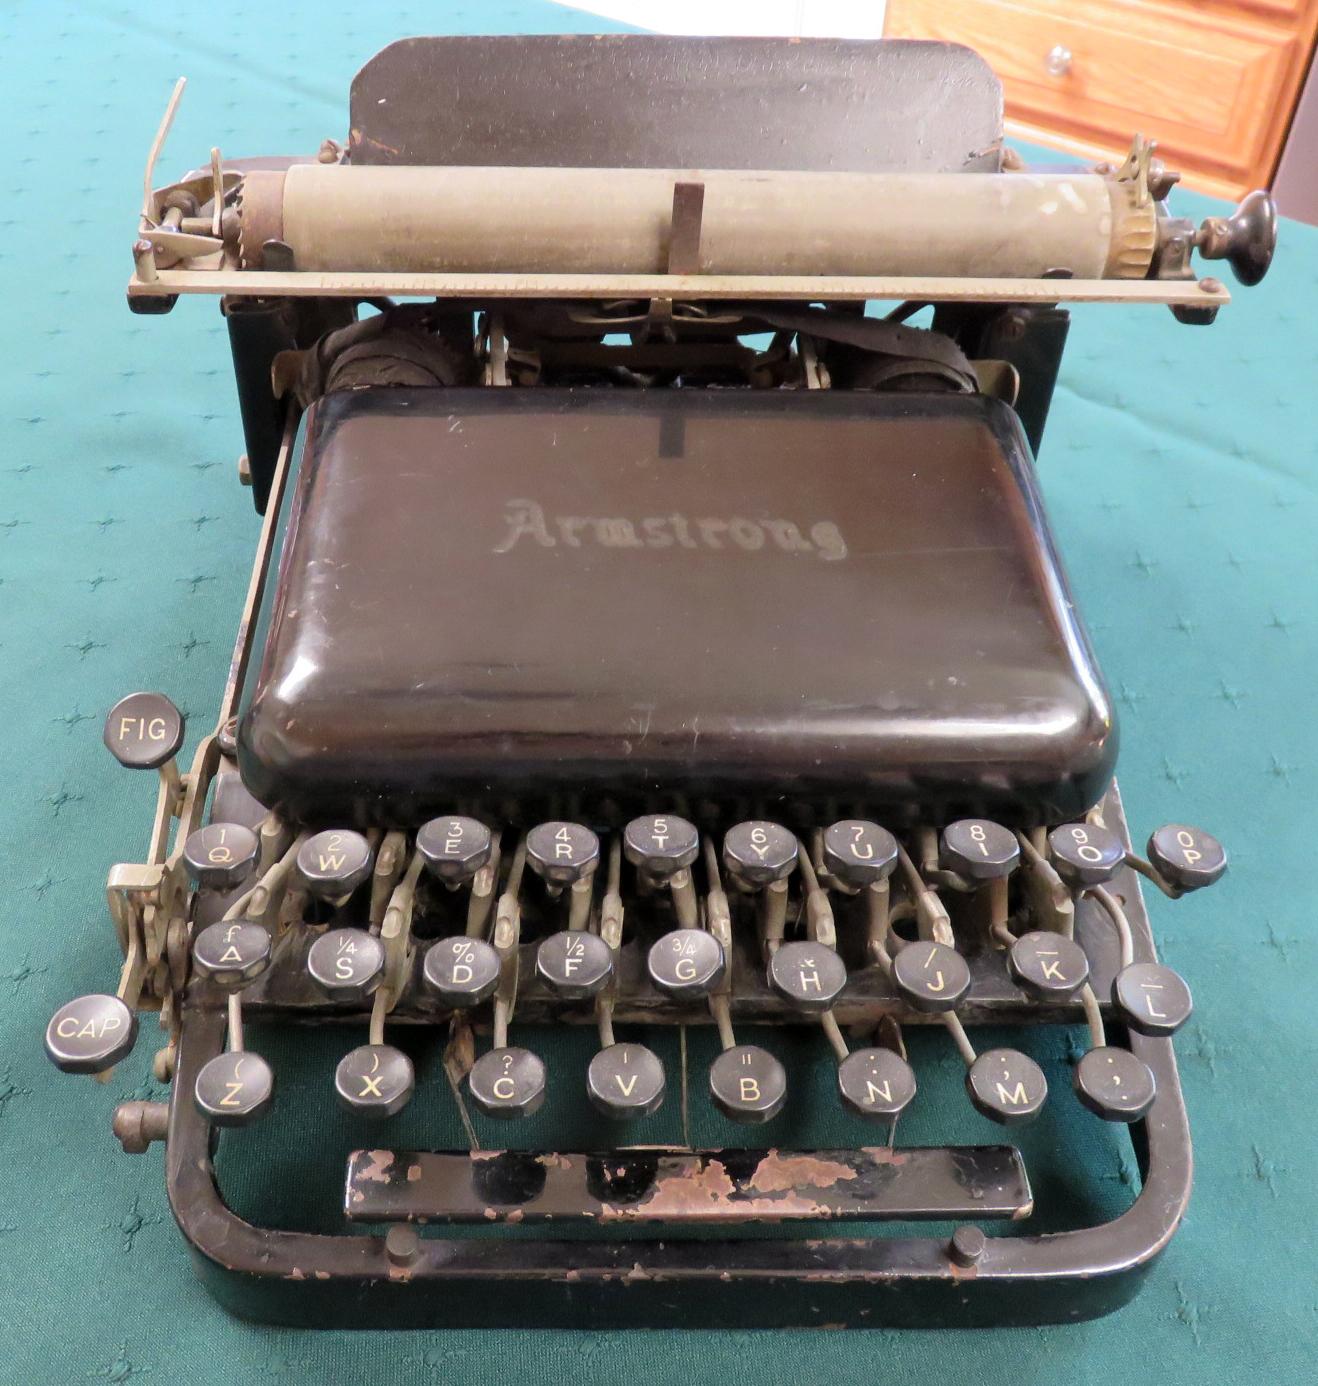 Armstrong Typewriter 1901